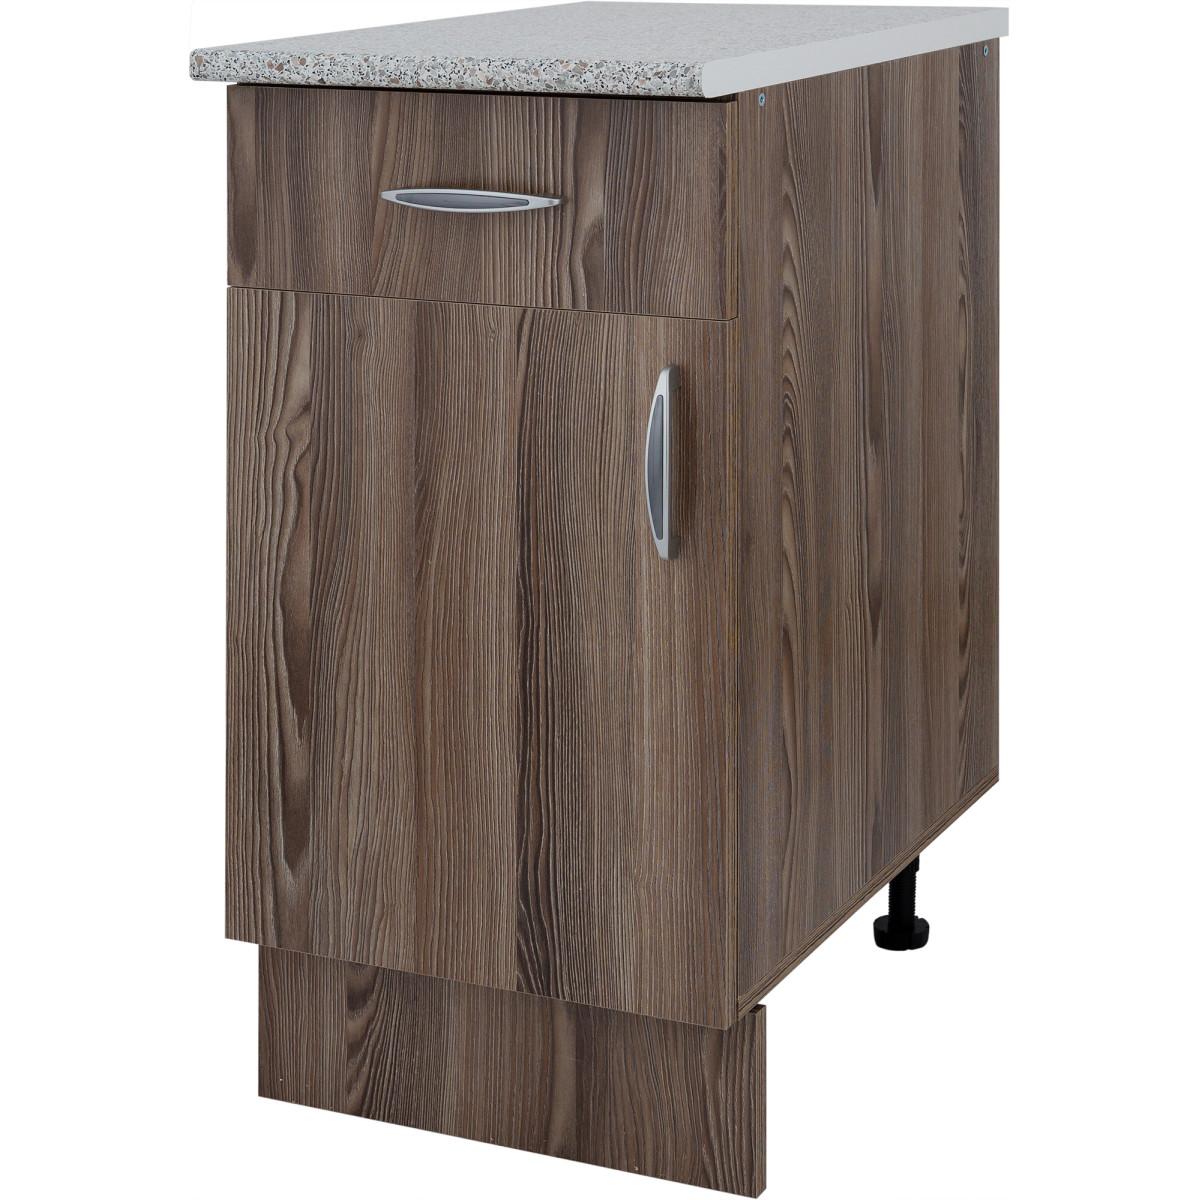 Шкаф напольный Дуб шато Сп с фасадом и одним ящиком 85х40 см ЛДСП цвет дуб